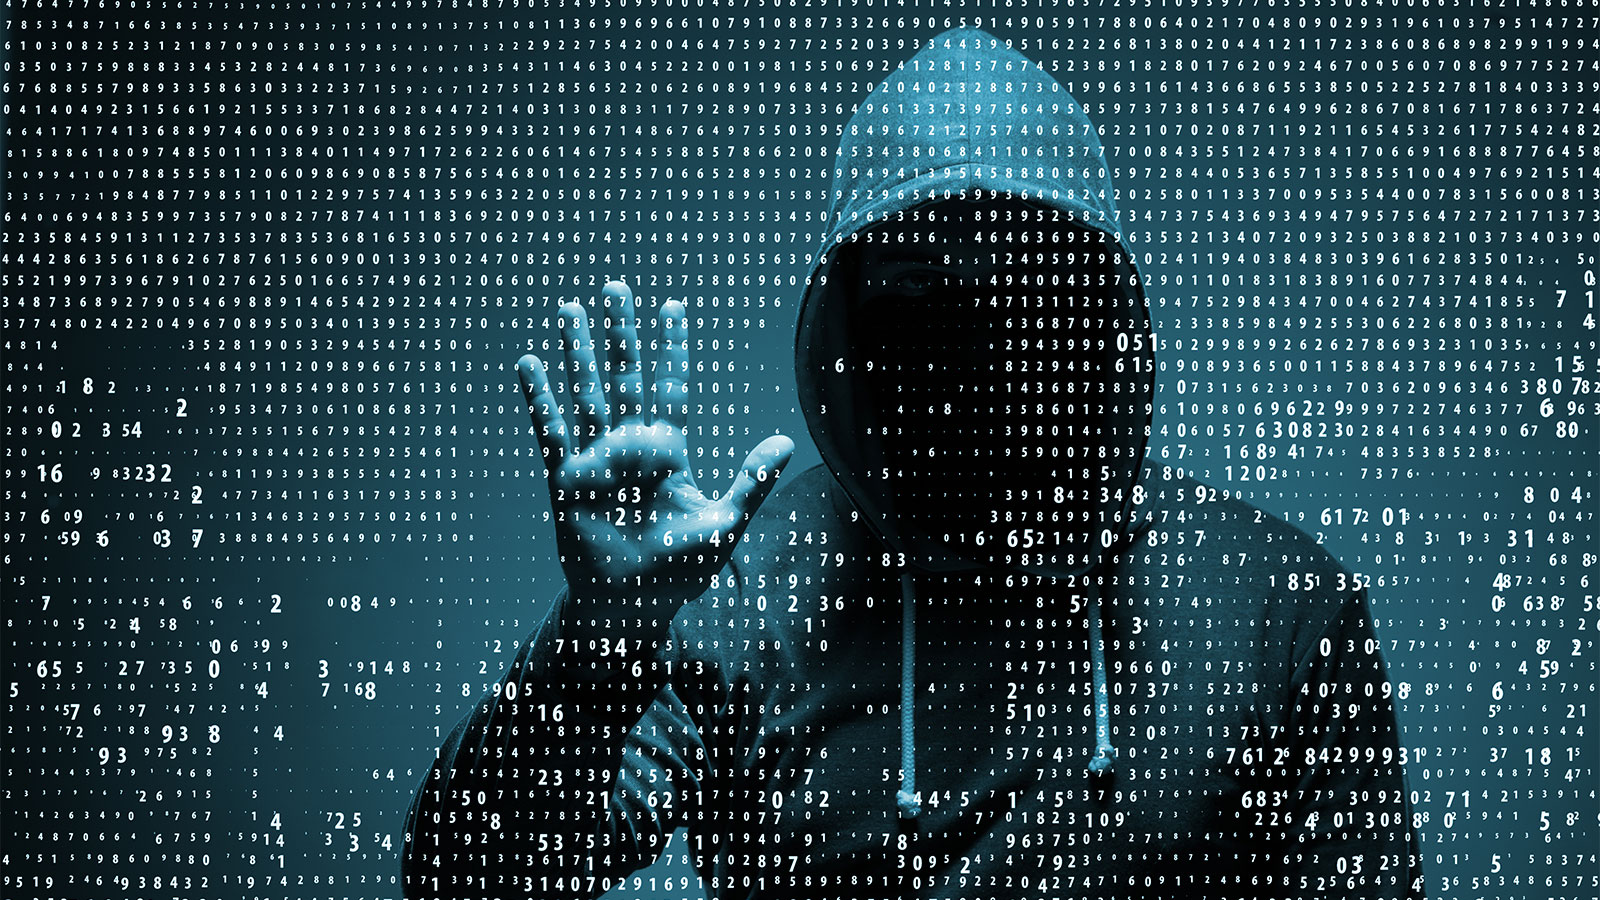 セキュリティ関連スタートアップ 直近1年間に資金調達した注目の5社【詳細レポートあり】